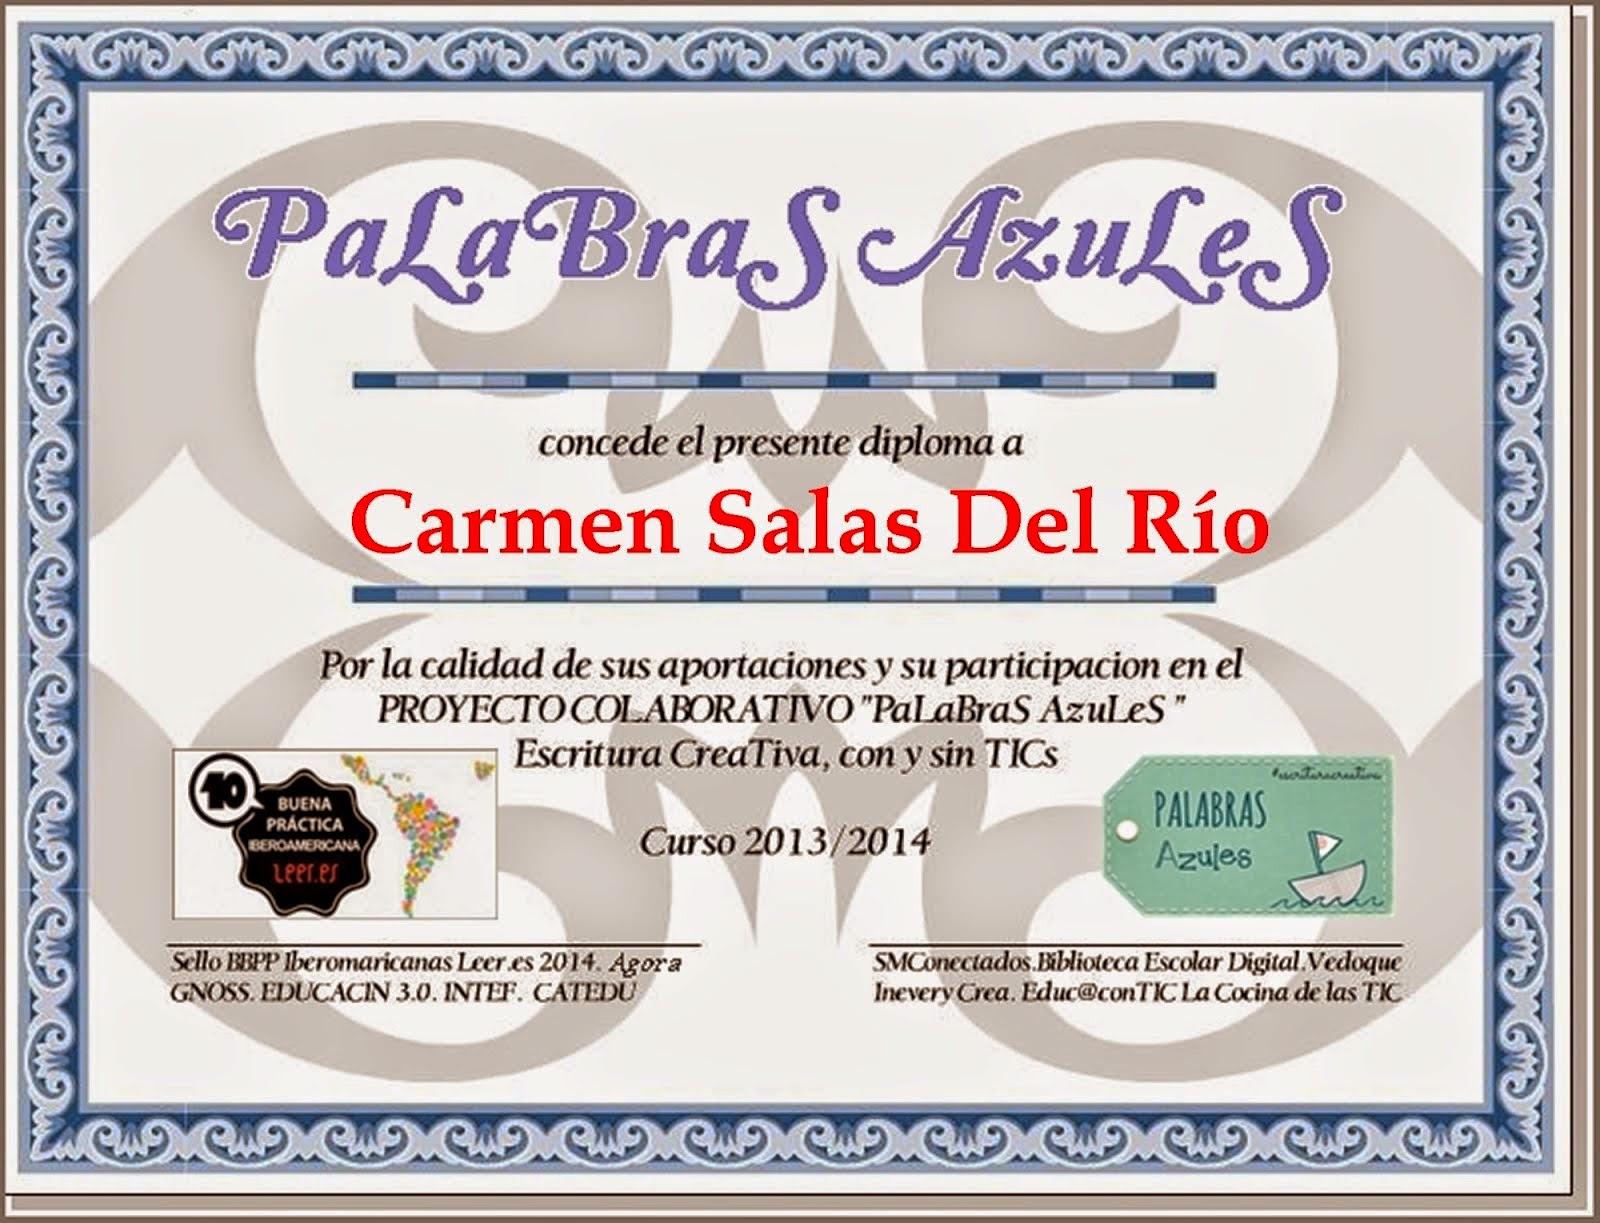 Diploma de PaLaBraS AzuLeS